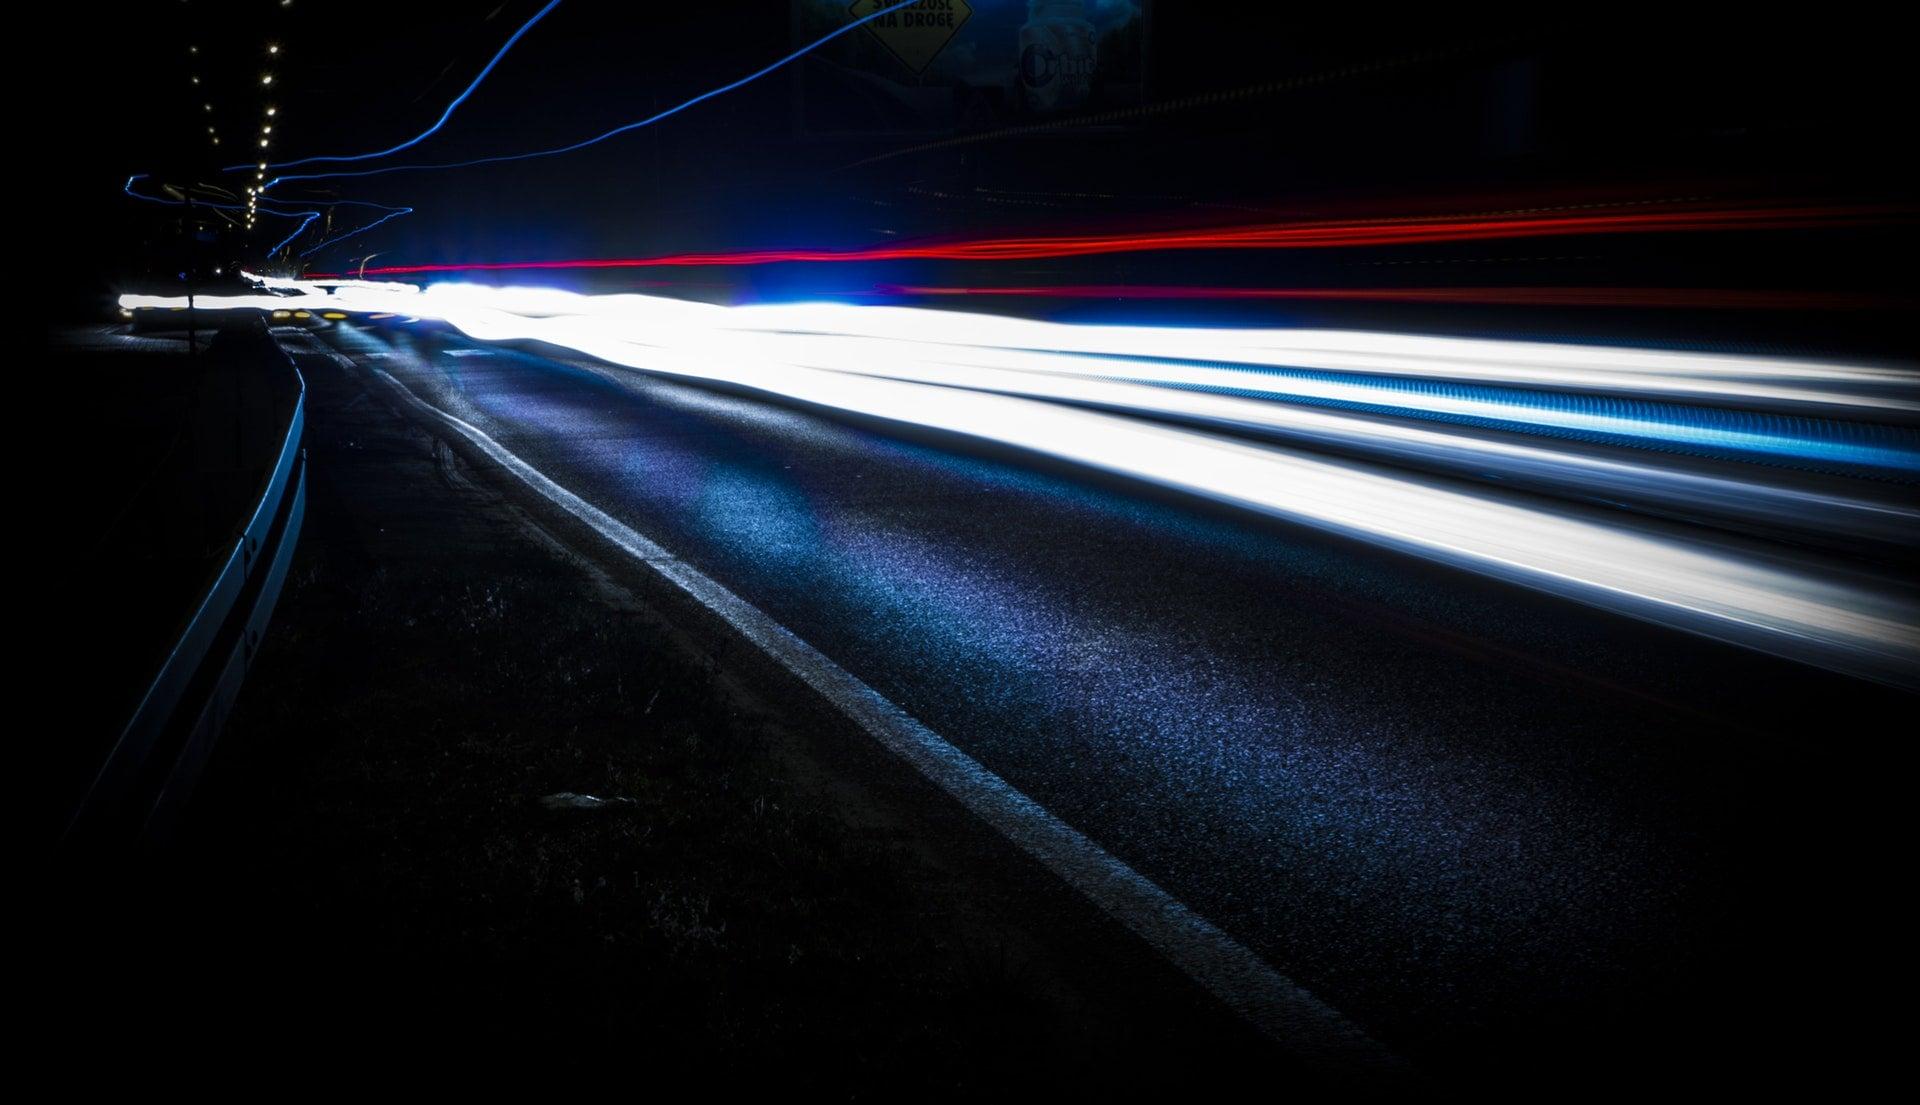 internet światłowód prędkość speed światło lights